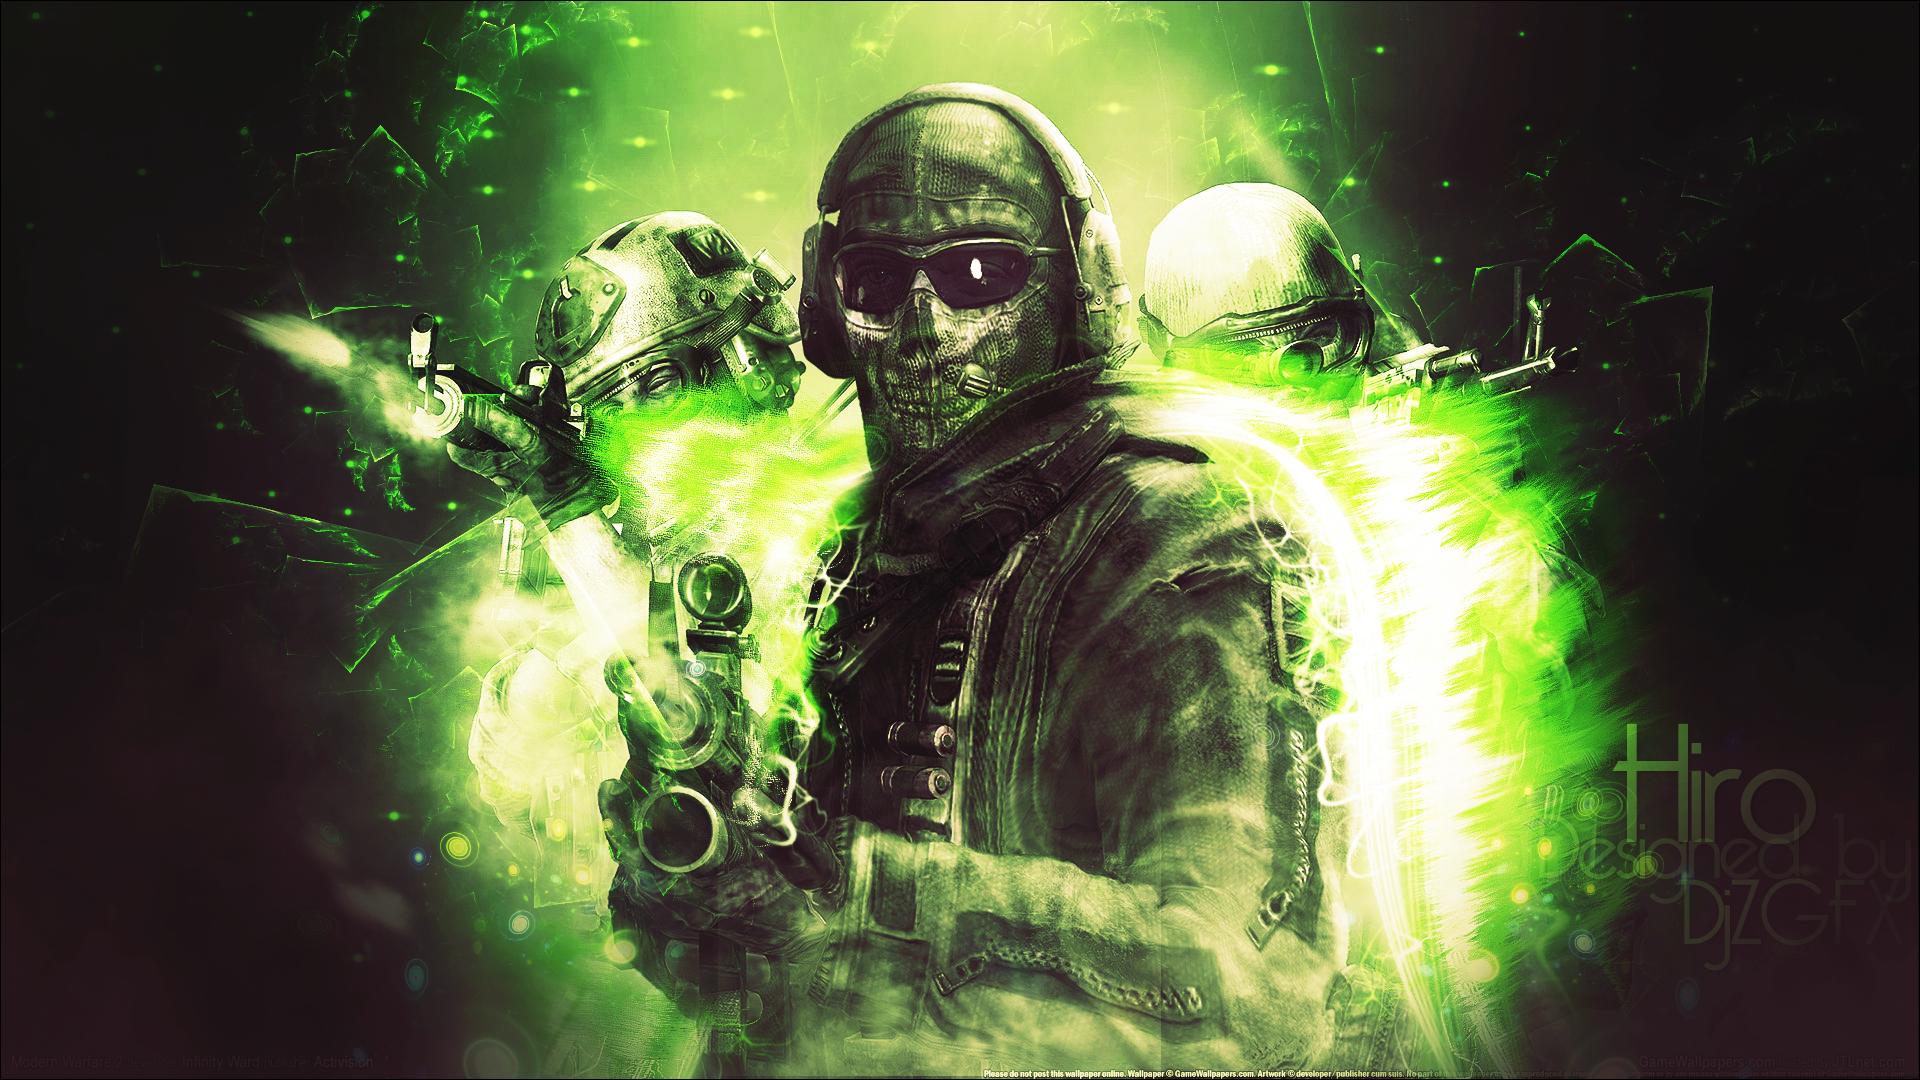 djzgfx graphics: modern warfare 2: ghost wallpaper hd